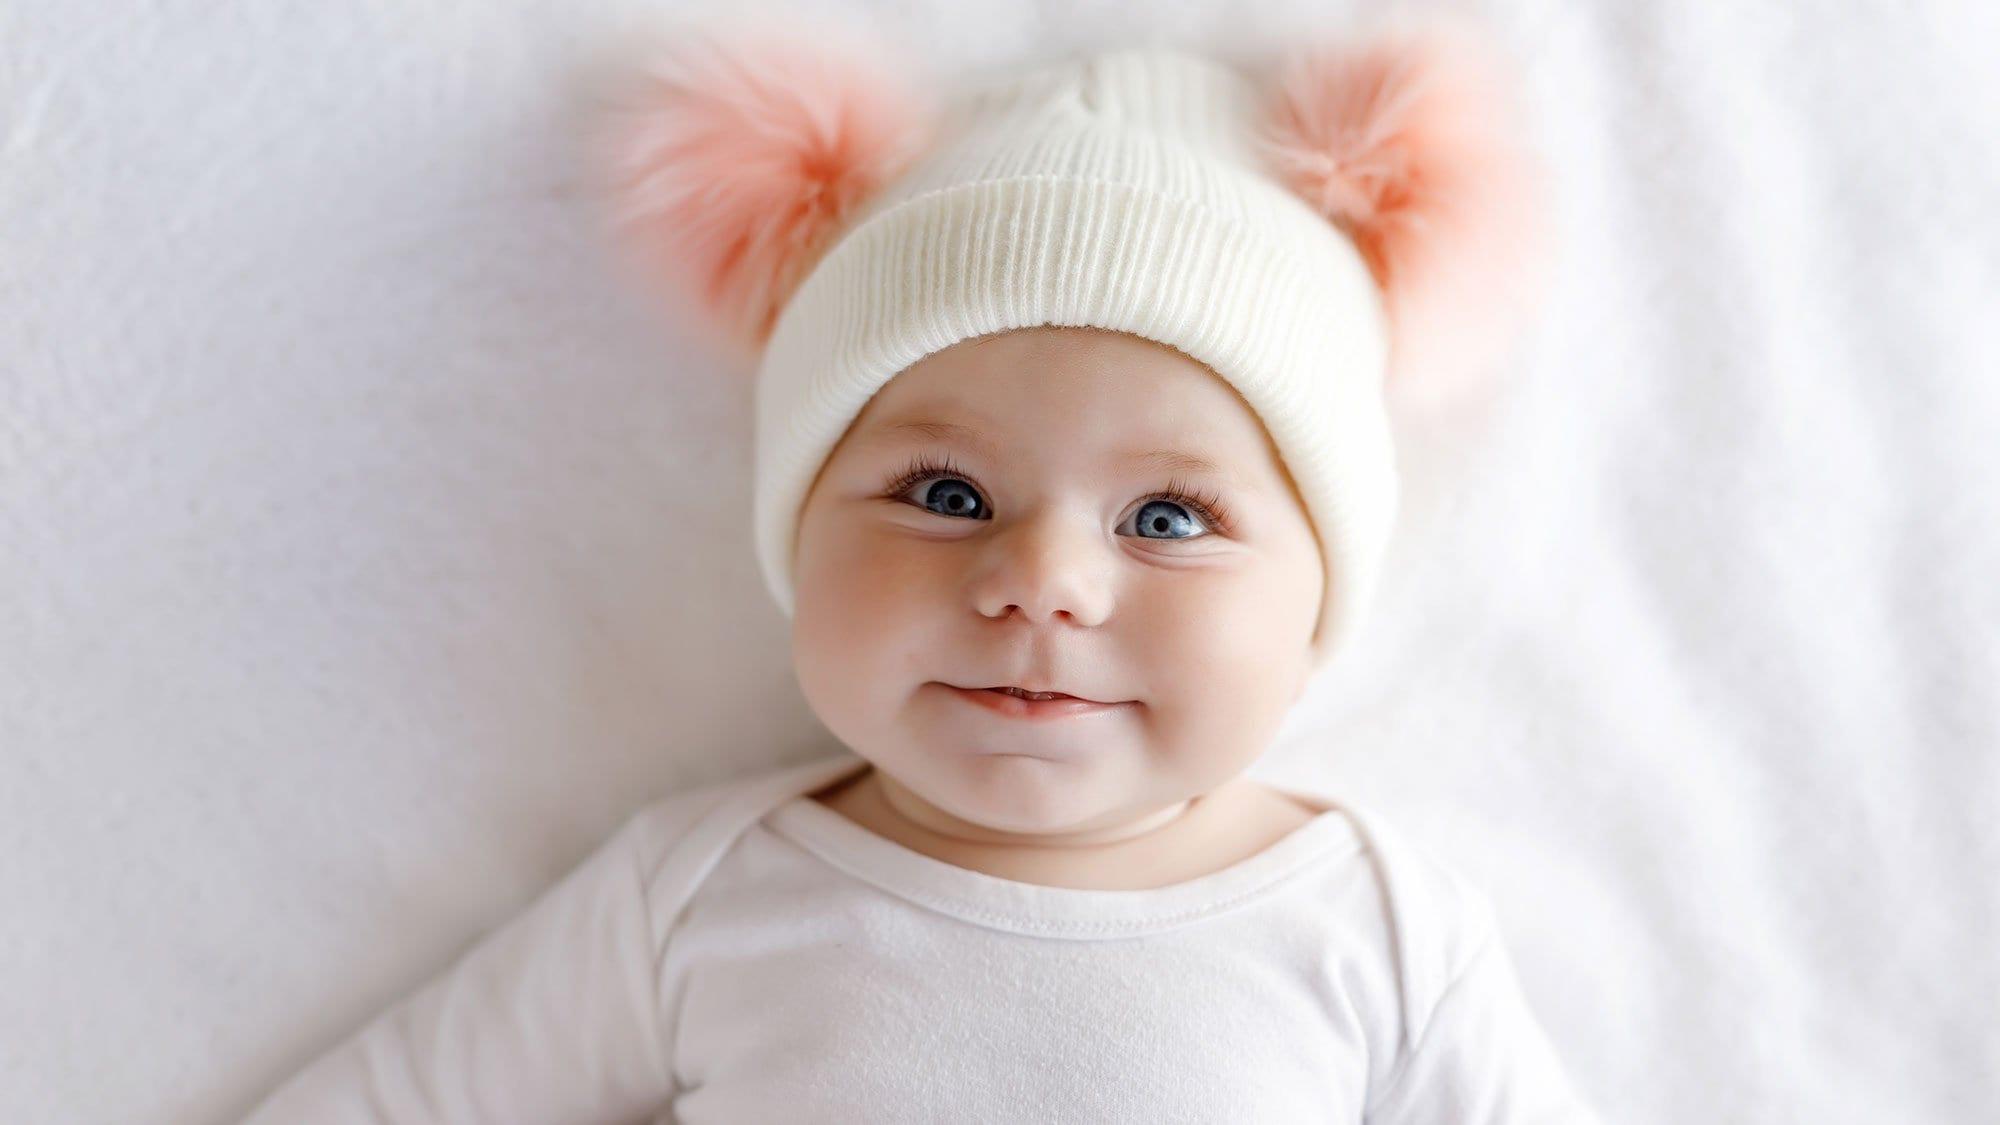 Les prénoms (trop) originaux peuvent-ils nuire à un enfant ?